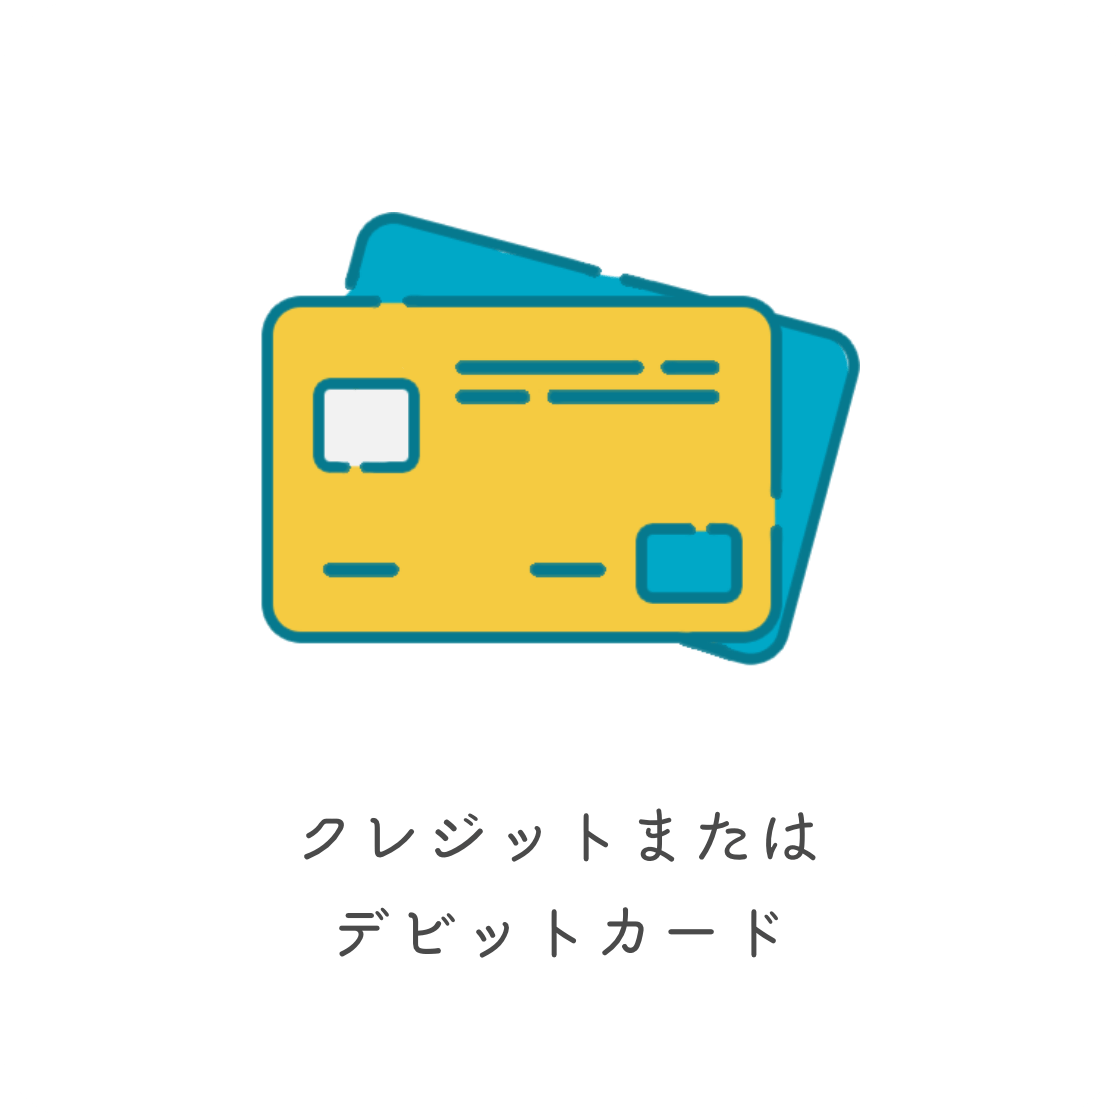 クレジットまたはデビットカード